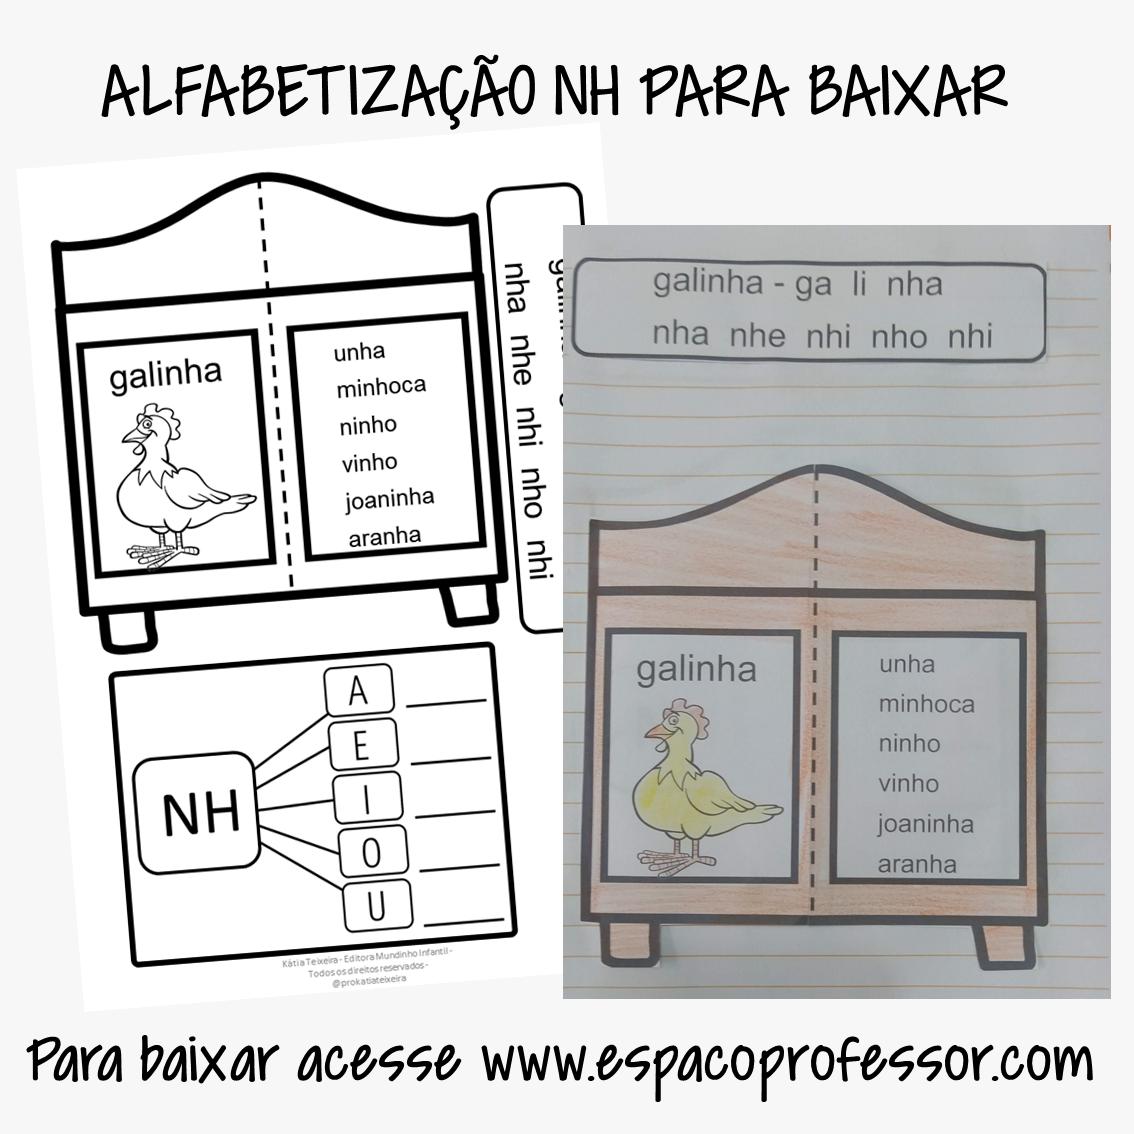 Atividade de Alfabetização NH – Atividade interativa Armário das sílabas